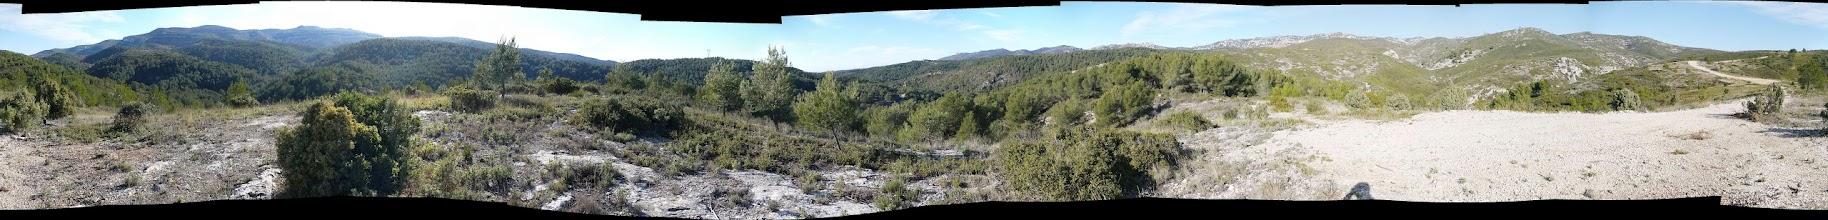 Photo: Panoramique 360°. De Gauche à droite: le Garlaban, route des Termes vers Plan de Cuques, Etoile, la Moure, mont Julien.